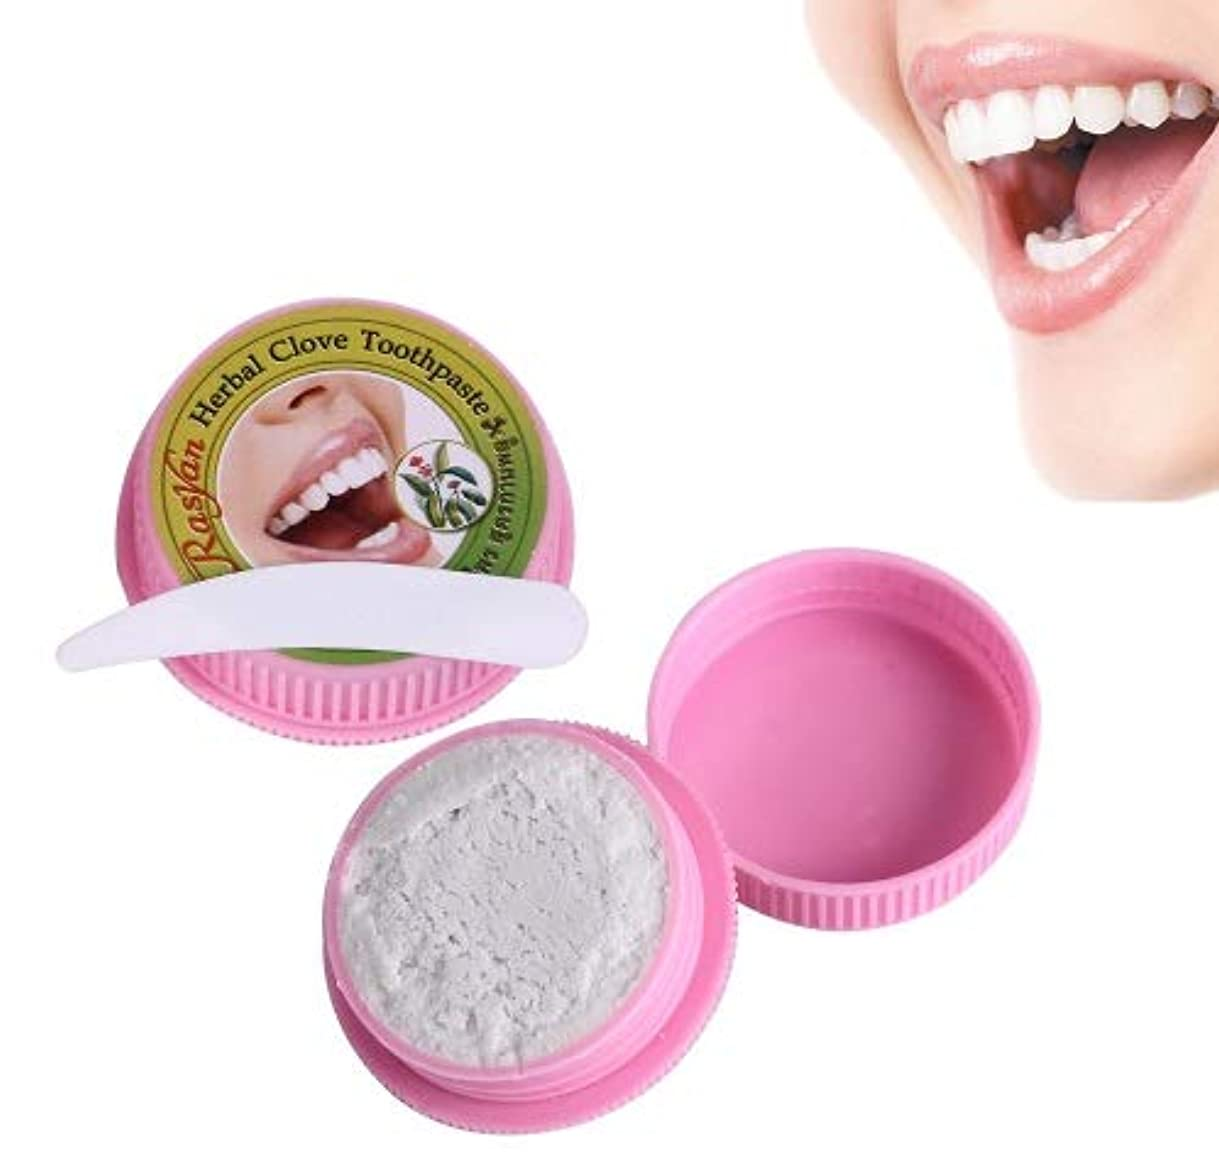 ひばり行く振り向くIzmirli 天然ハーブクローブ歯磨き粉、天然歯ホワイトニング、歯汚れ除去剤、口臭クリーナー Natural Herbal Clove Toothpaste,Natural Teeth Whitening, Teeth...